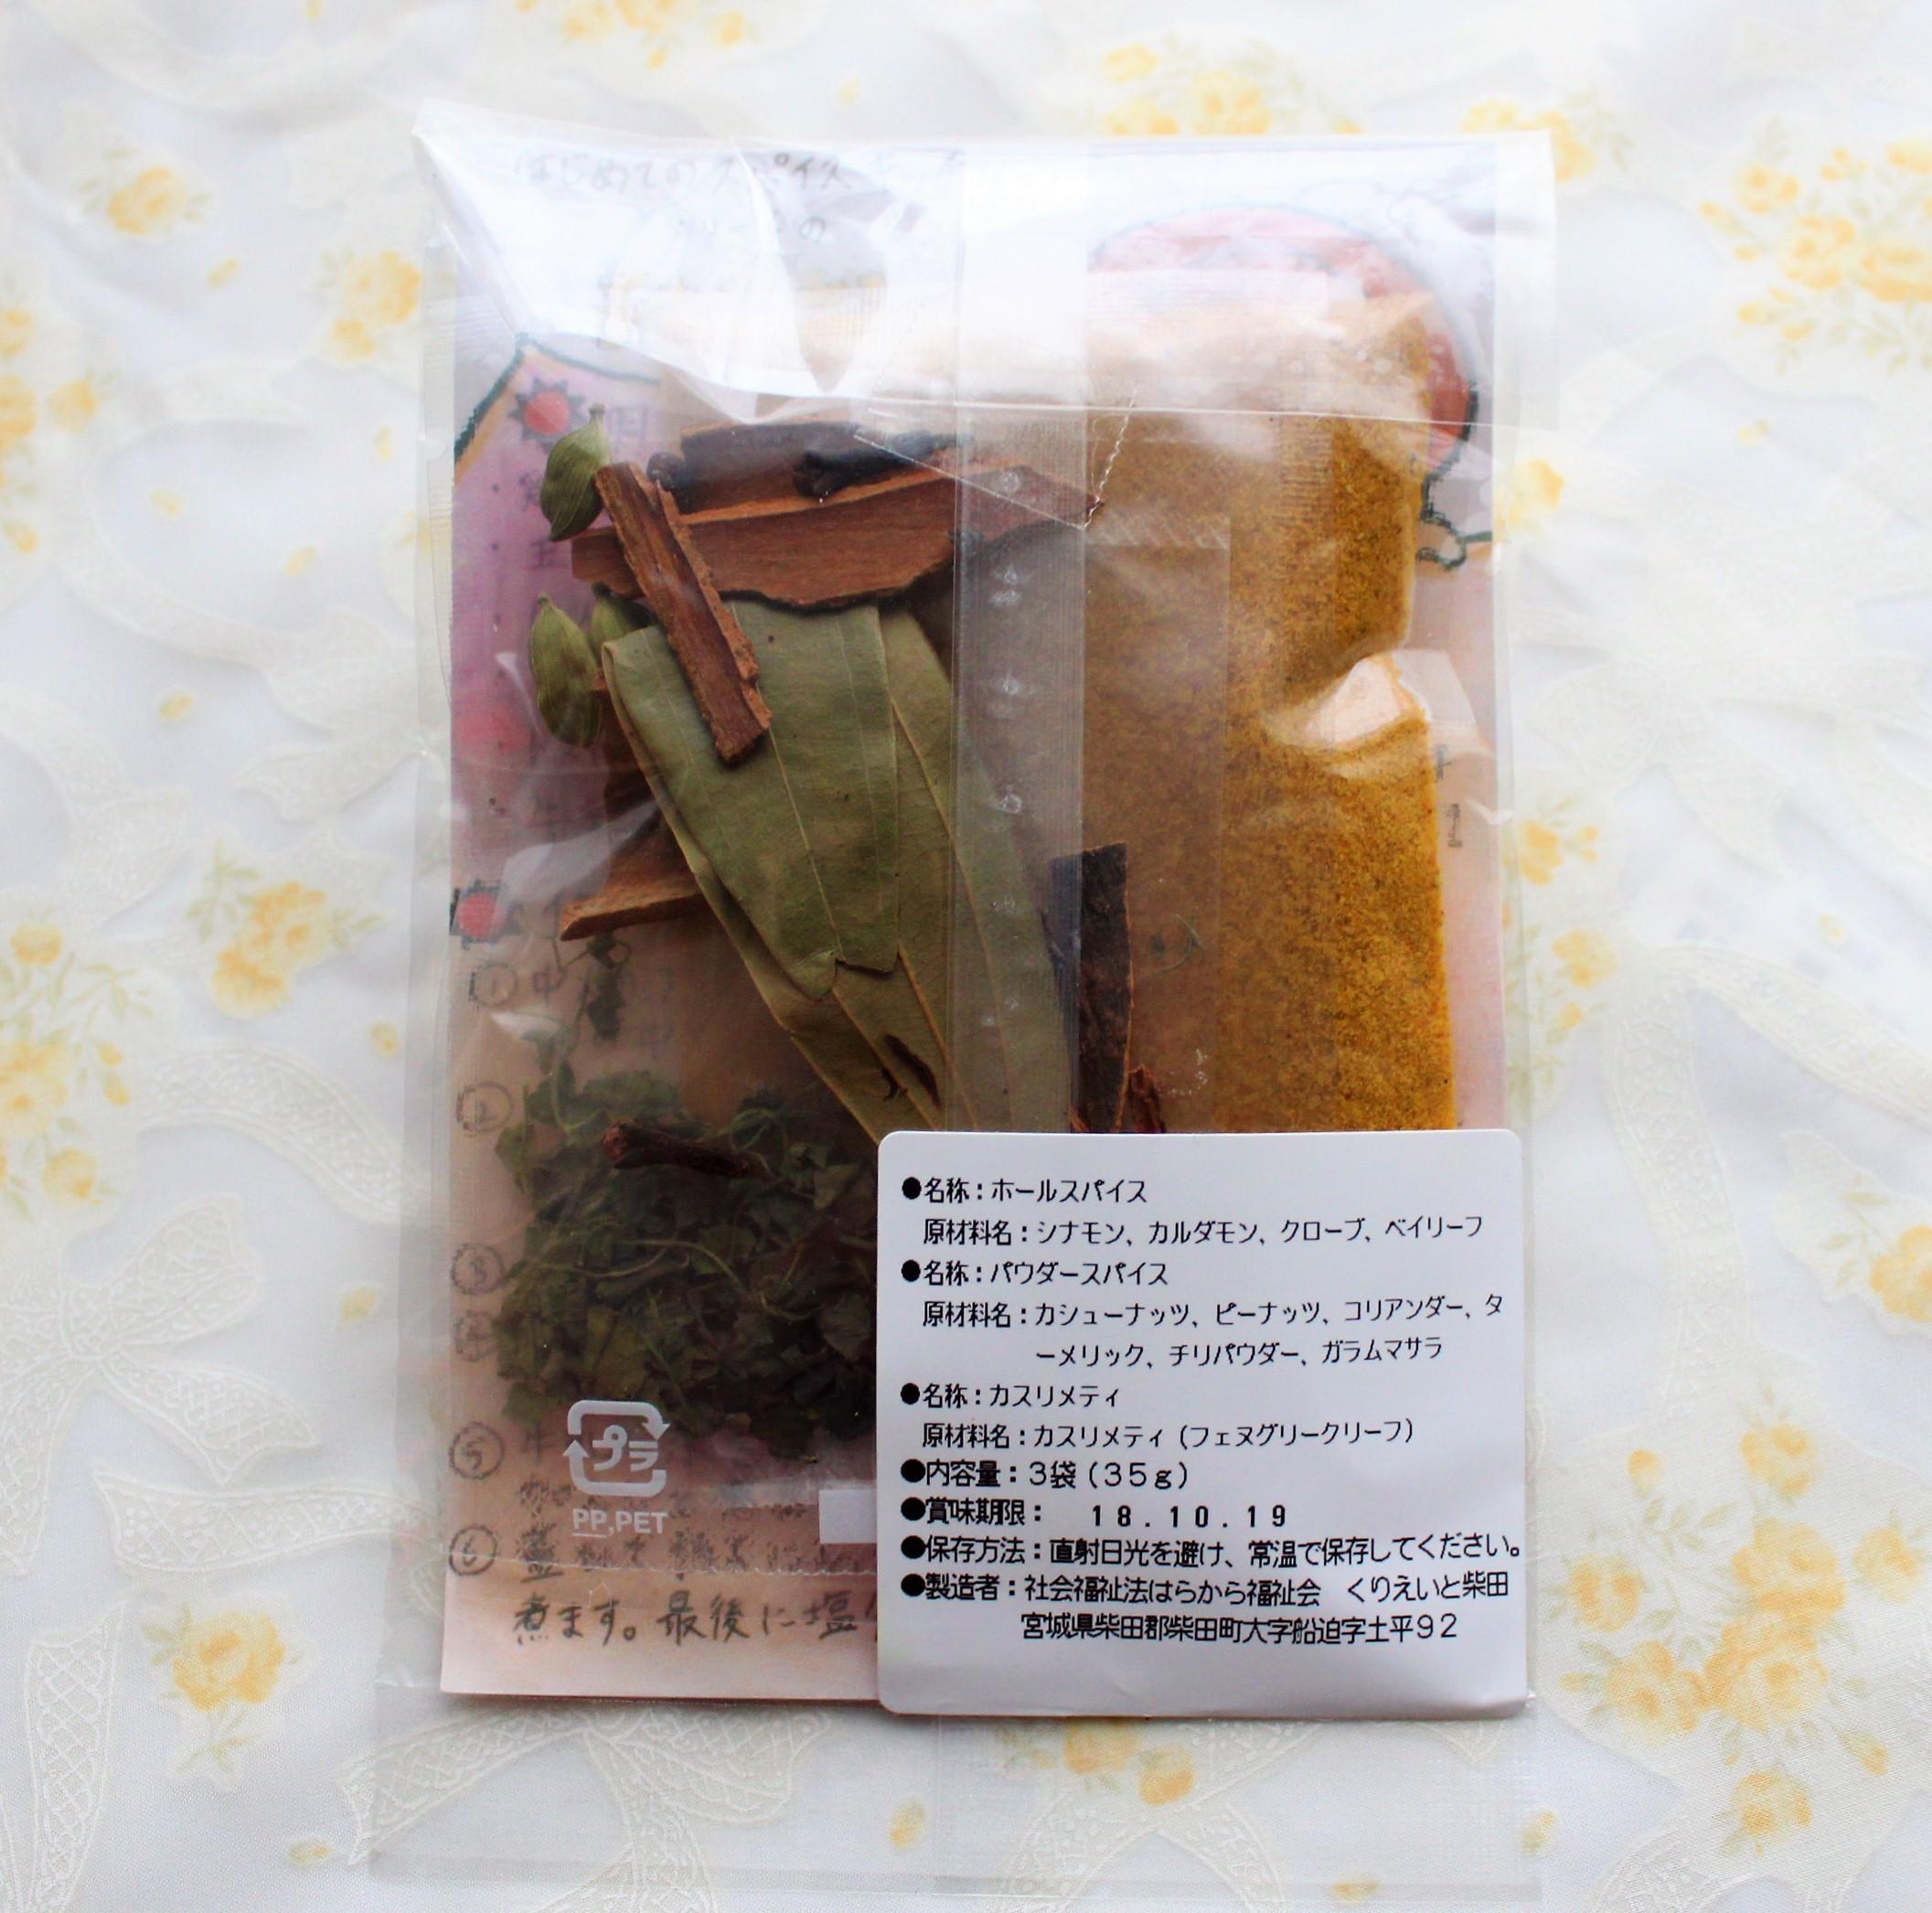 【ナッツの豊かな風味】チキンカレー 9種のスパイスセット 4人前